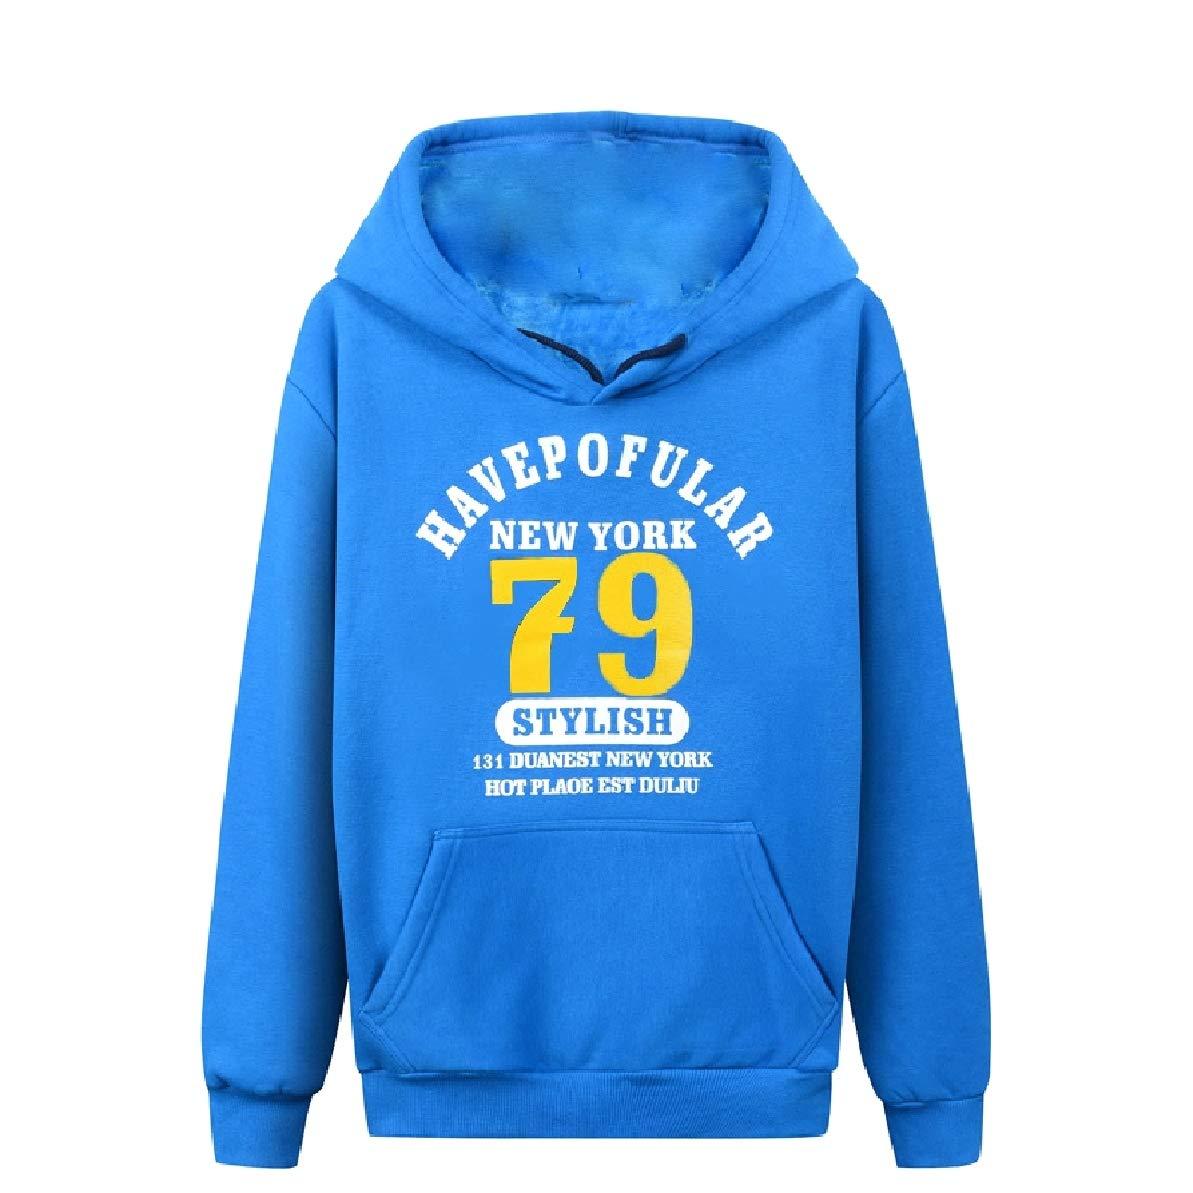 Zimaes-Men Classic Solid-Colored Oversize Hood Tshirt Sweatshirt